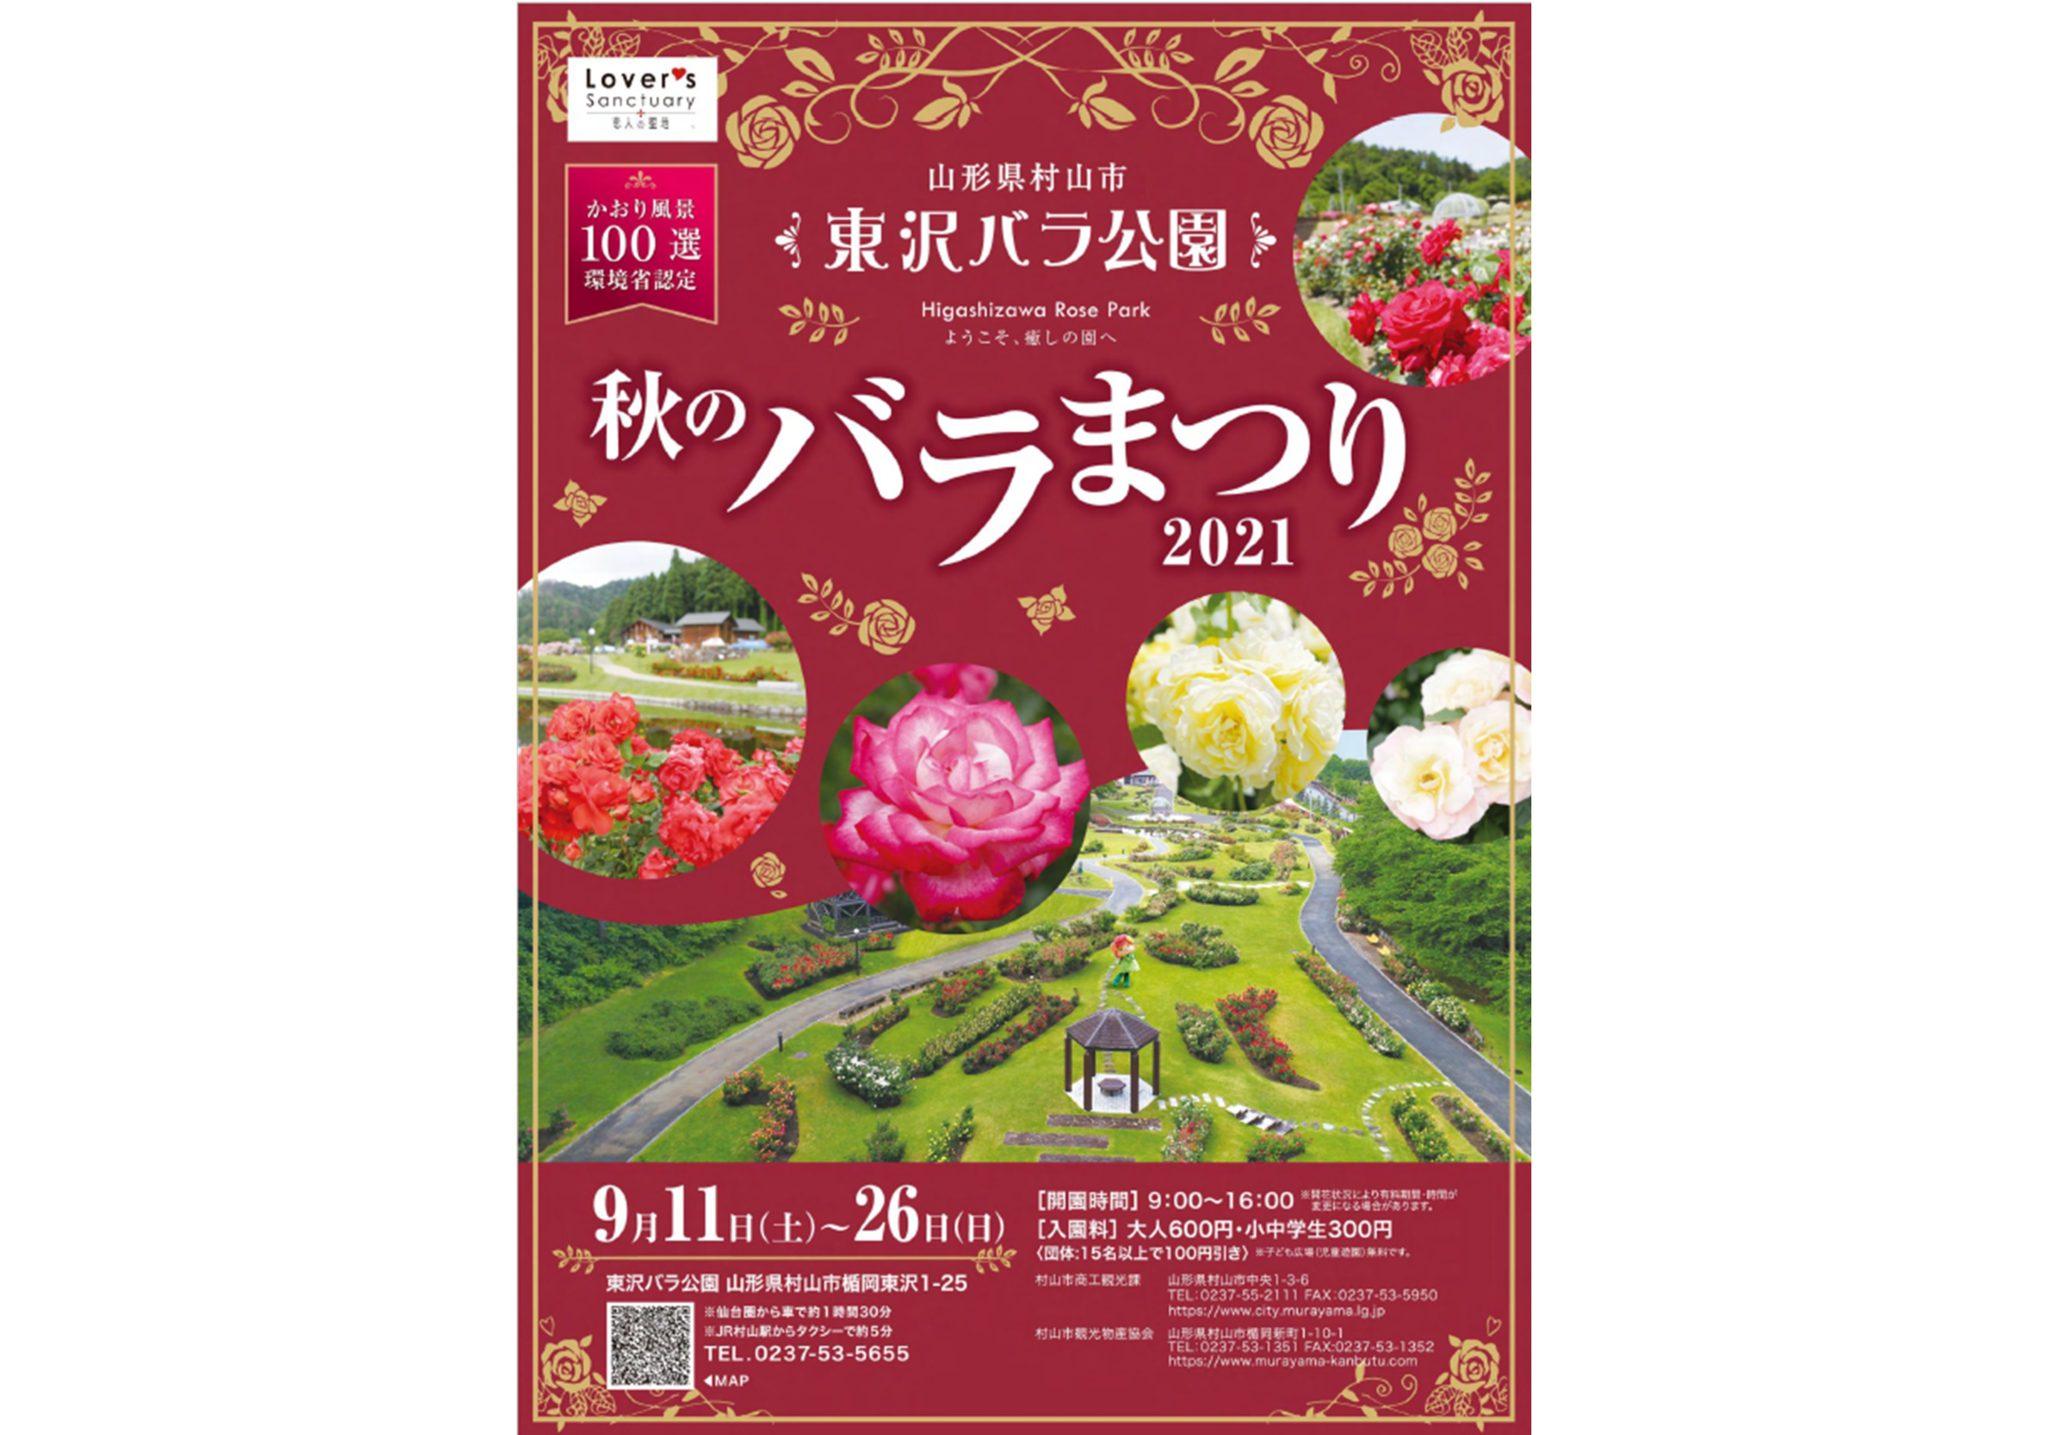 【東沢バラ公園】秋のバラまつり2021